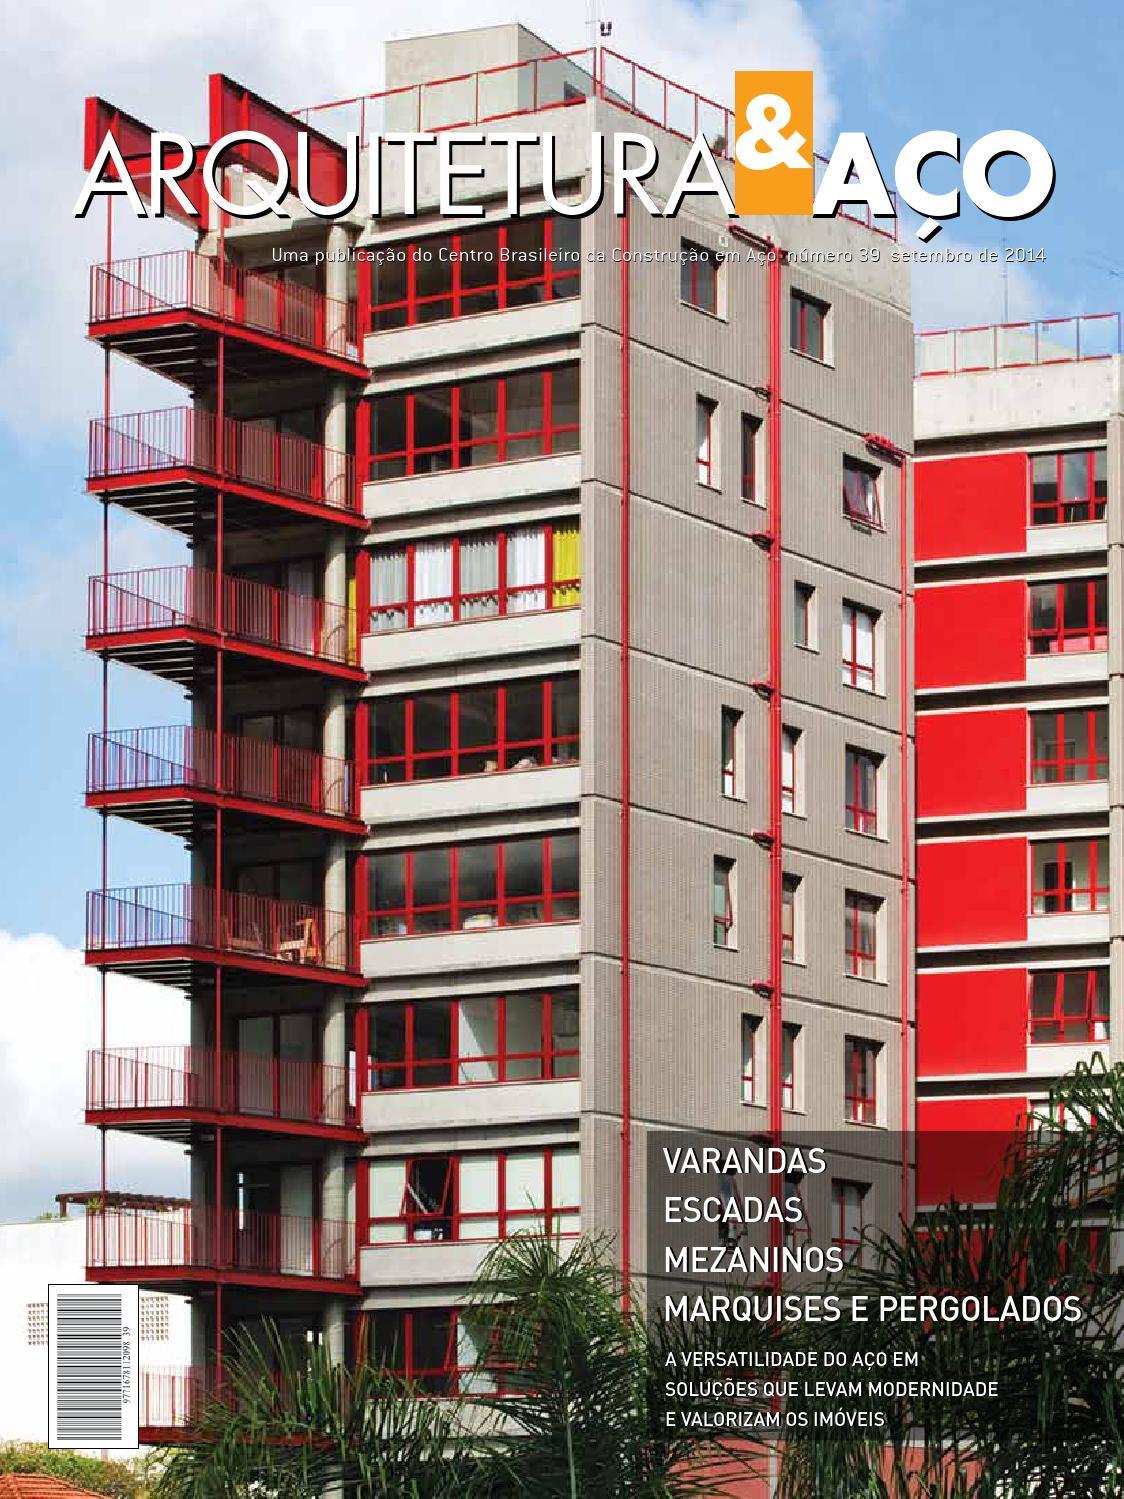 Arquitetura A O Varandas Escadas Mezaninos Marquises E  -> Modelo De Forro Rebaixado Em Apartamentos 51M2